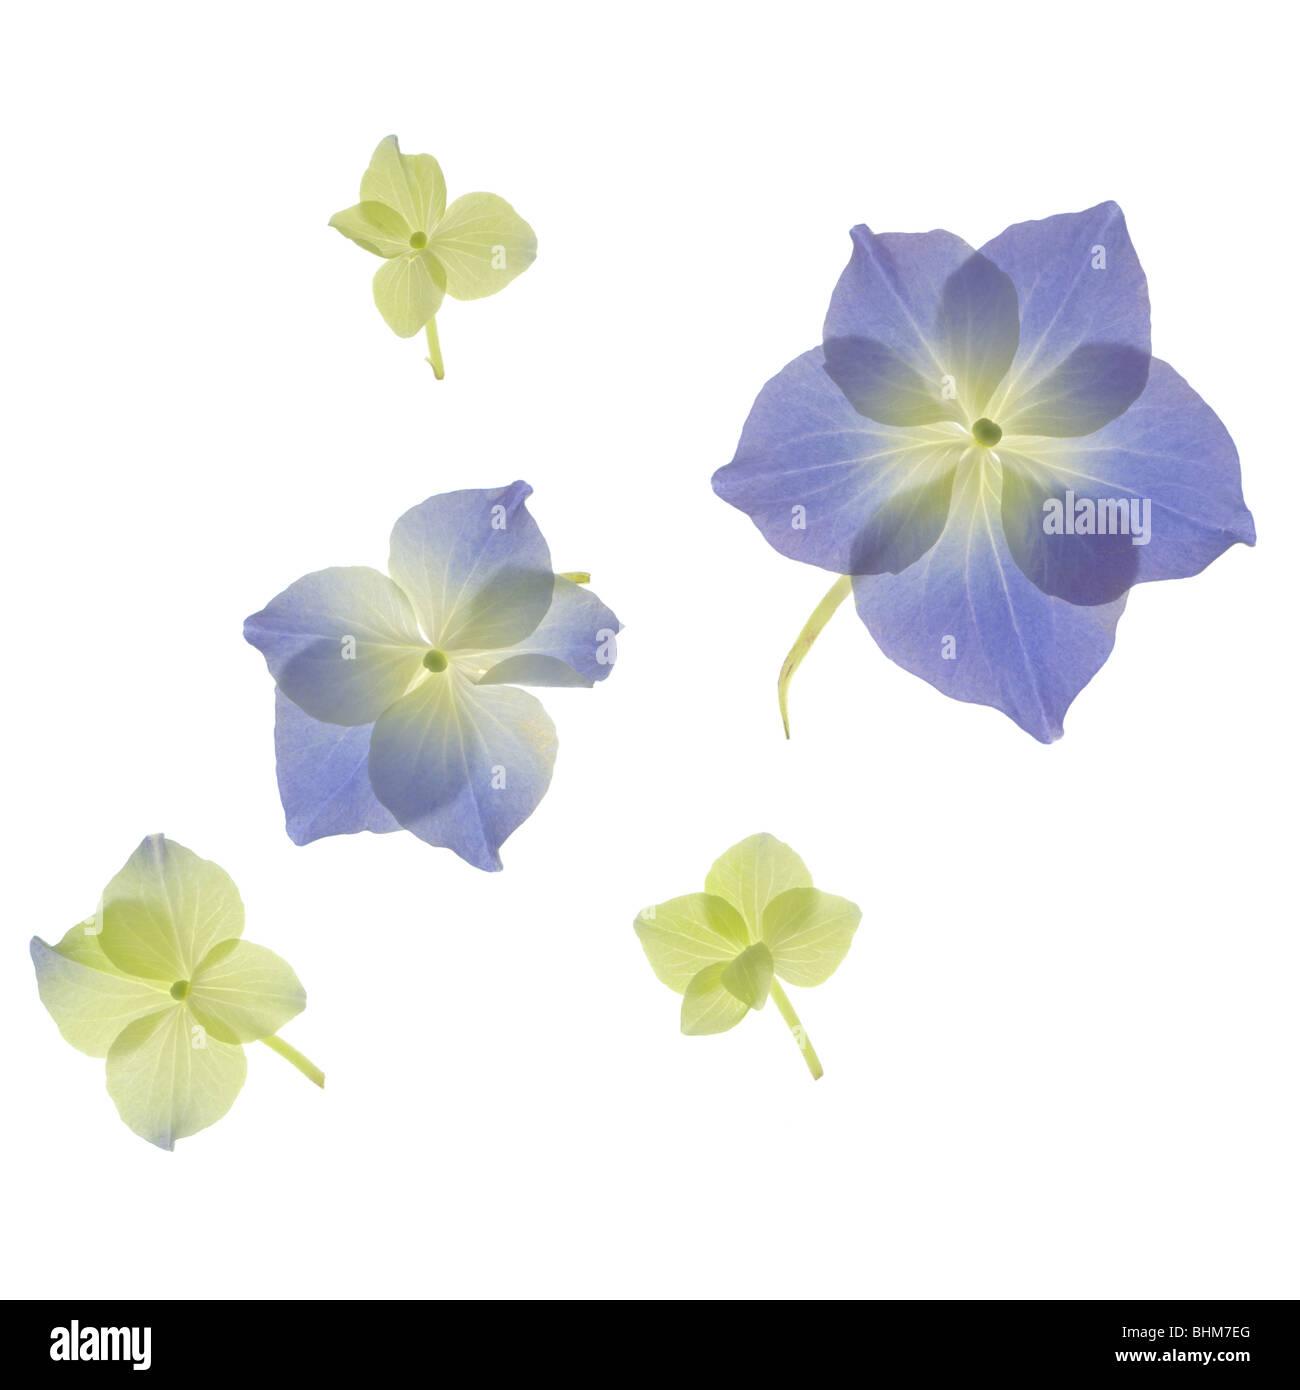 Scannen von grünen und blauen Hortensien Blütenblättern. Cut-Out isoliert auf weißem Hintergrund. Stockbild